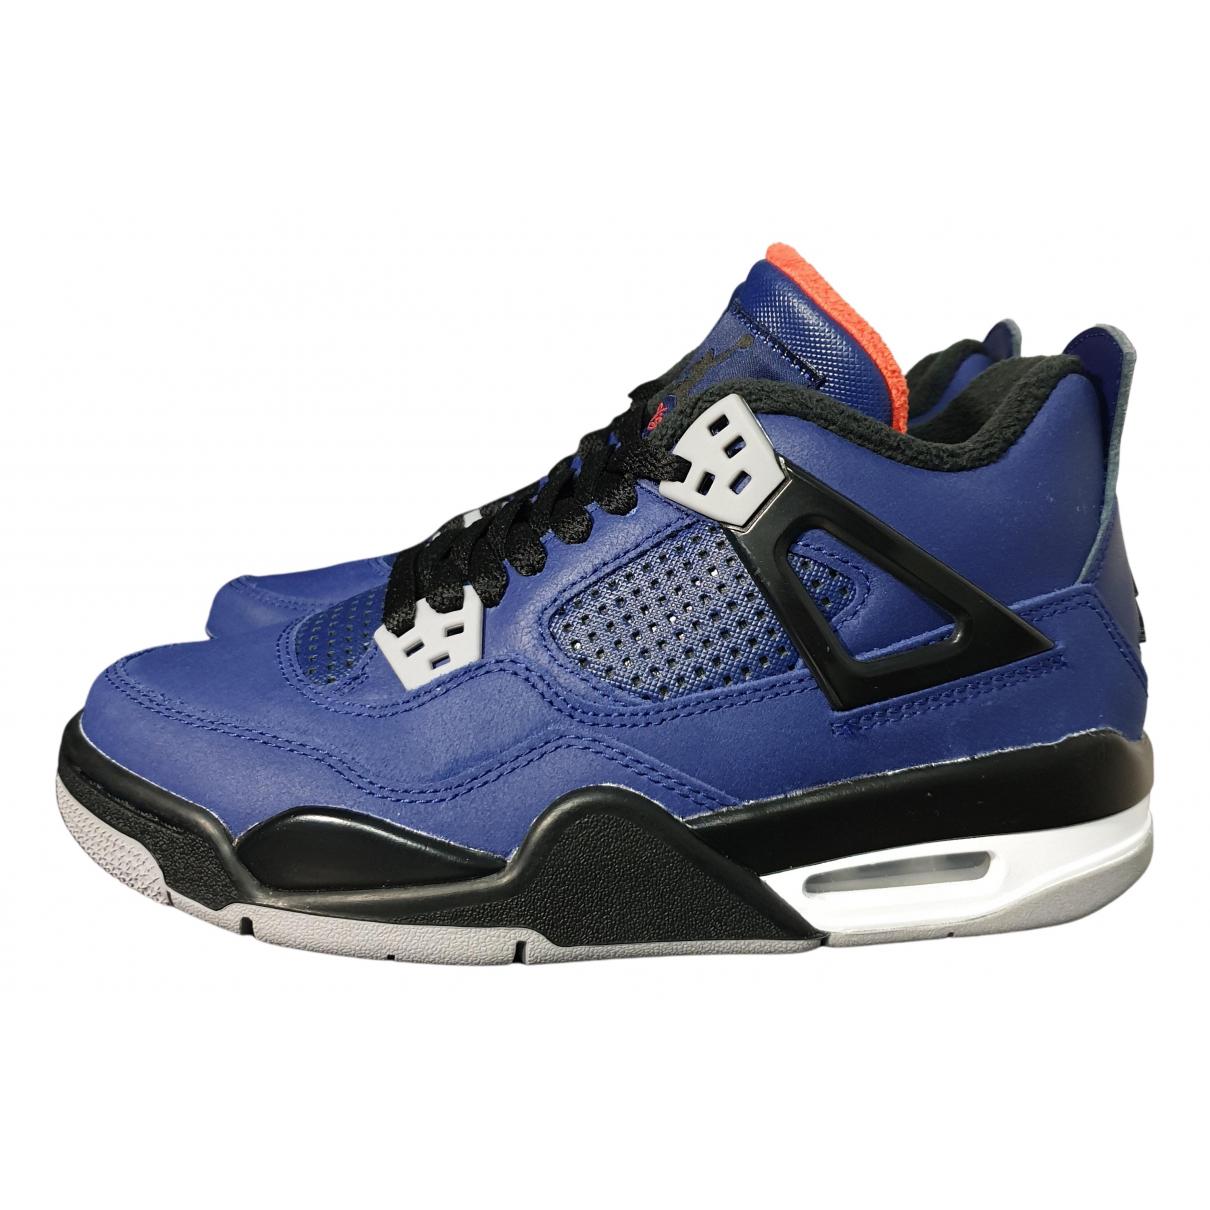 Jordan Air Jordan 4 Sneakers in  Blau Leder